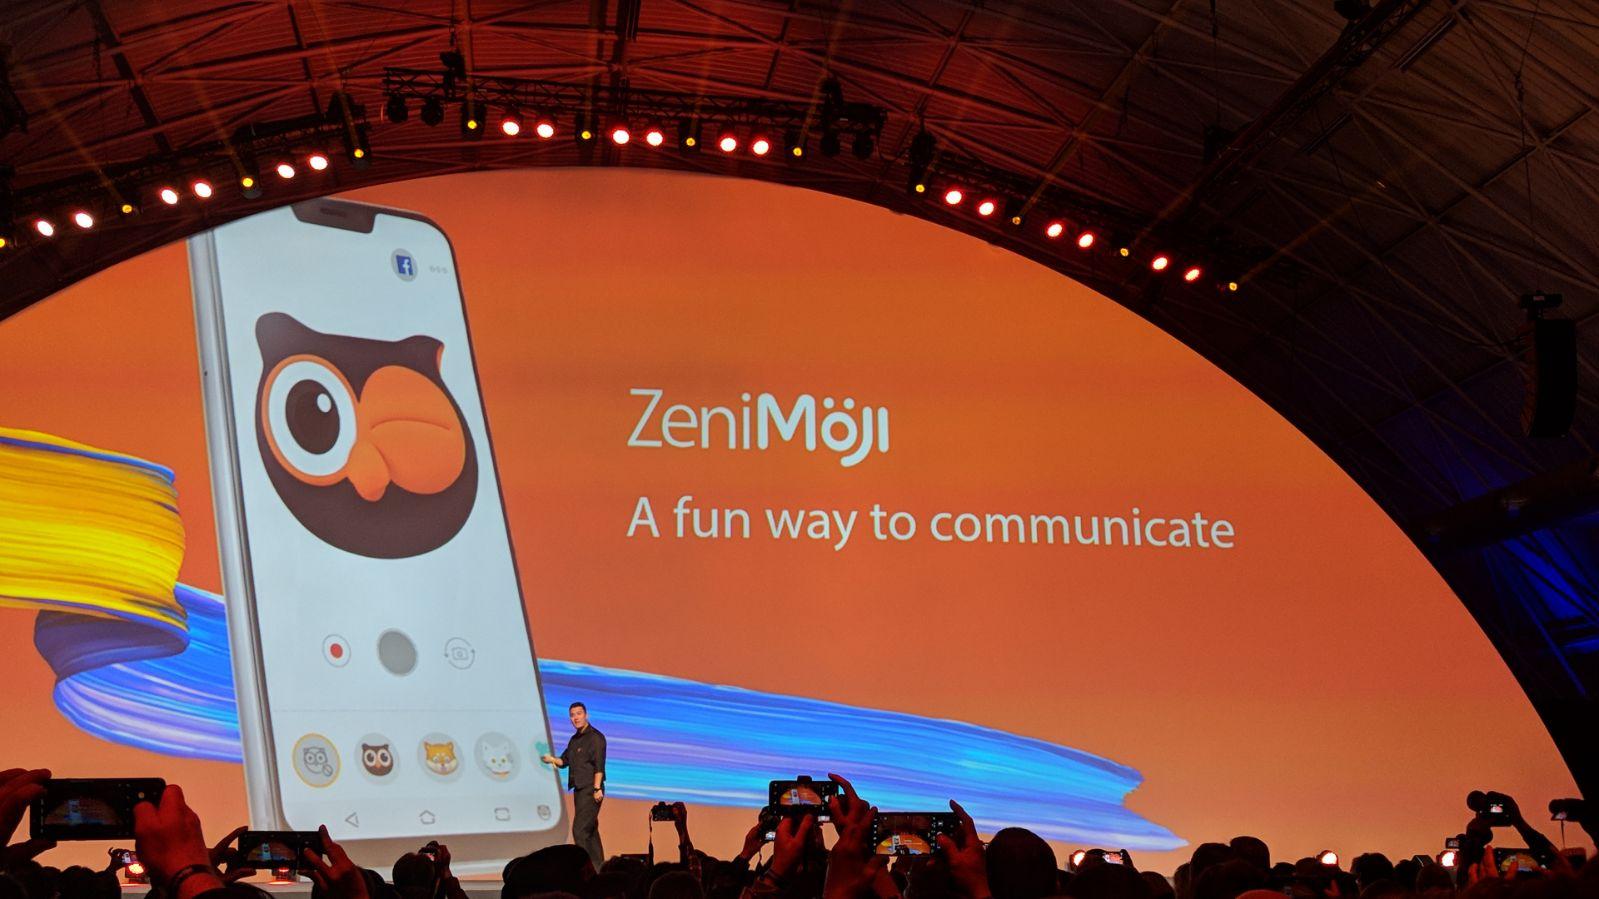 ZenFone 5 ZeniMoji